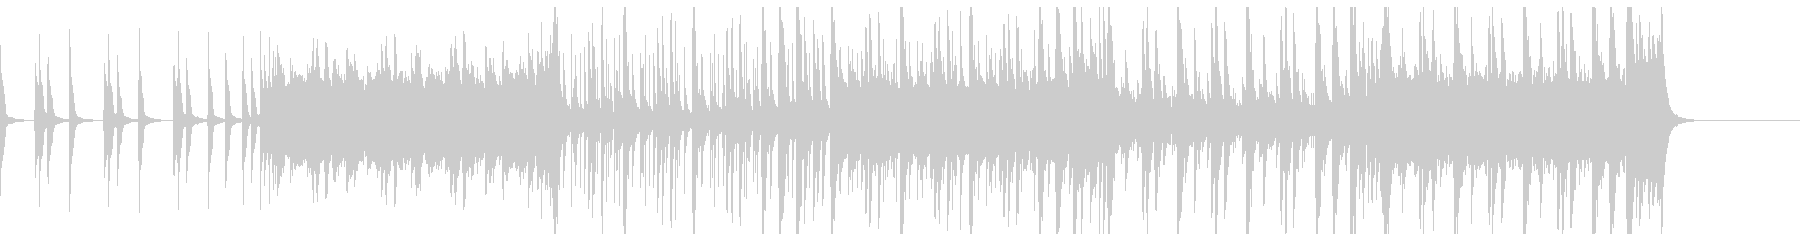 三味線と笛と和太鼓のシンプルな和風曲の未再生の波形